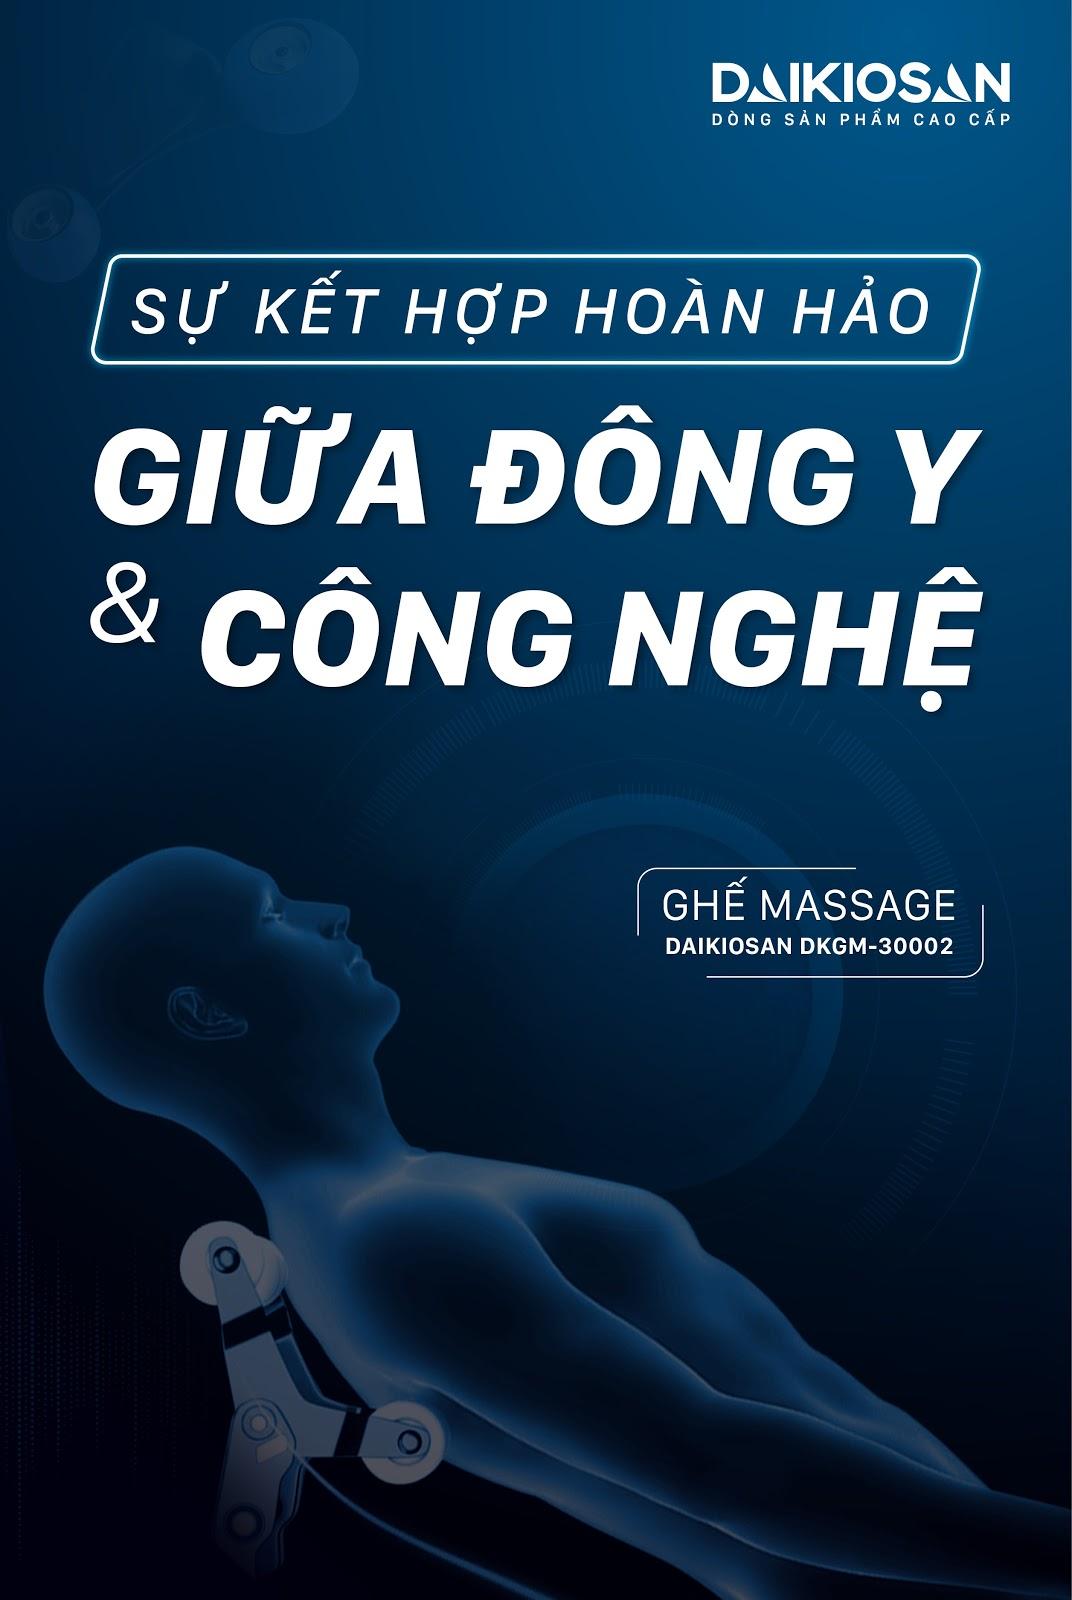 Ghế massage giải pháp giảm đau nhức nhanh chóng cho dân văn phòng